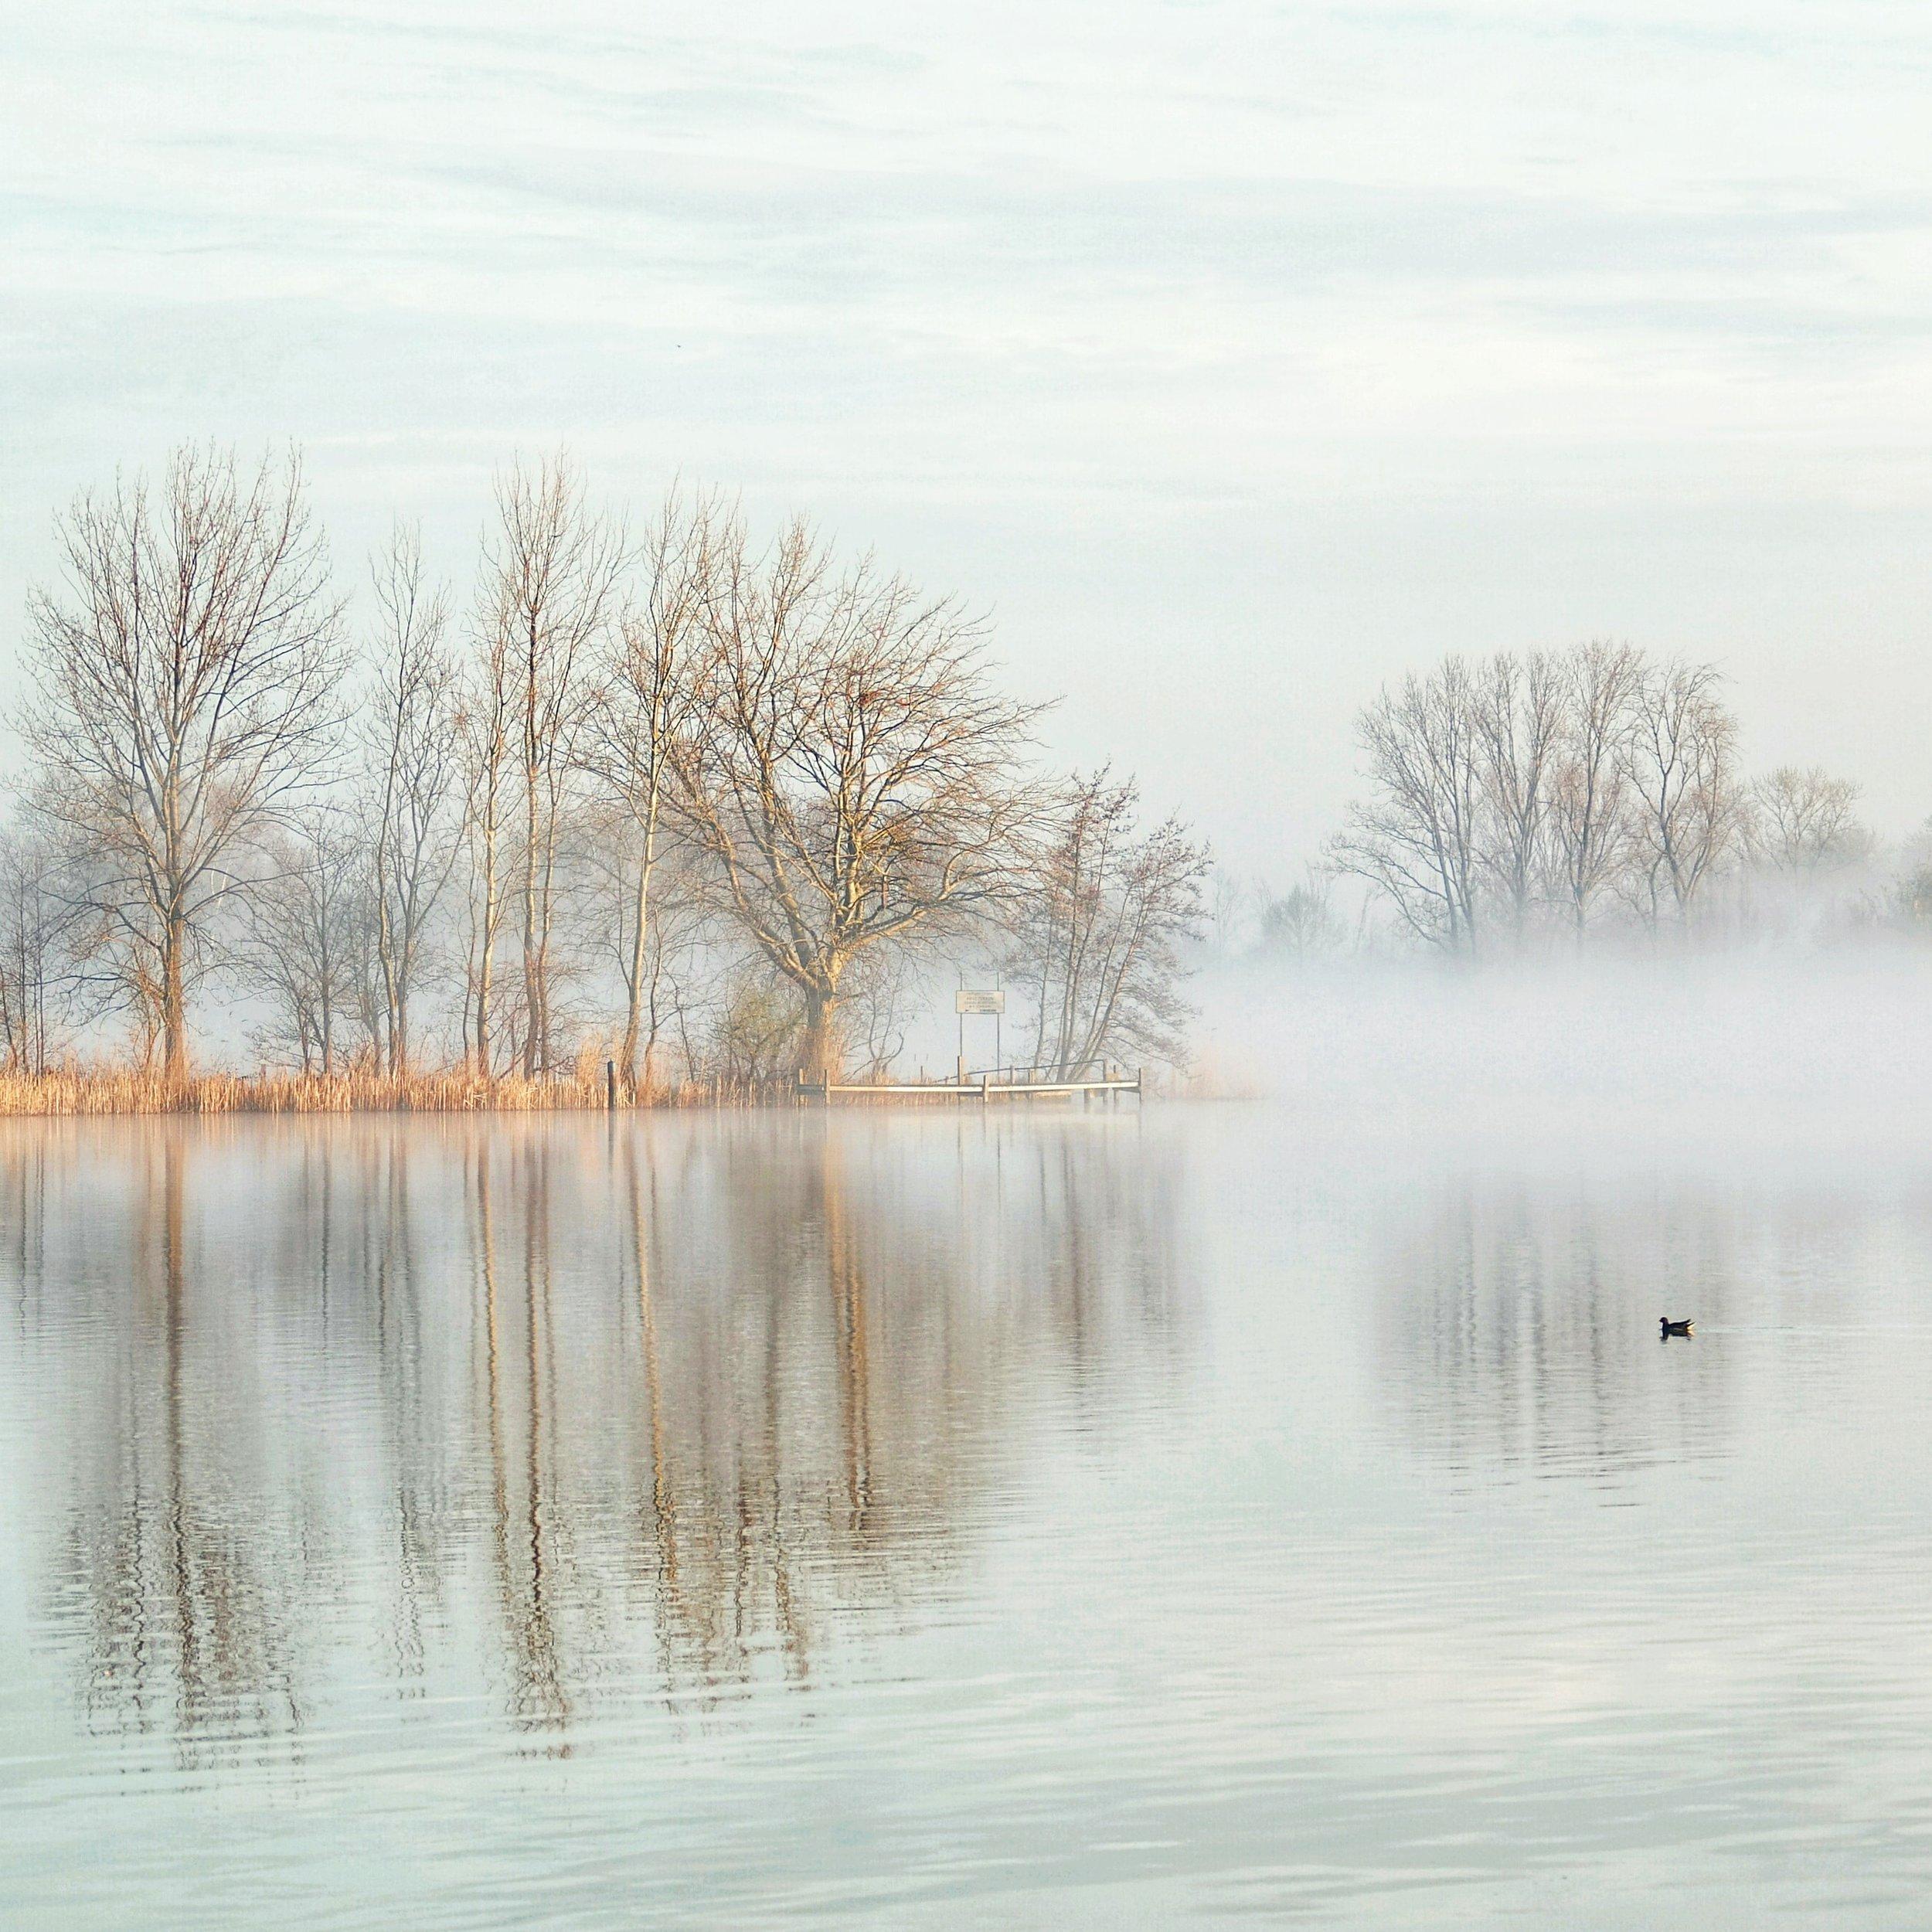 Misty scenes along De Rotte.